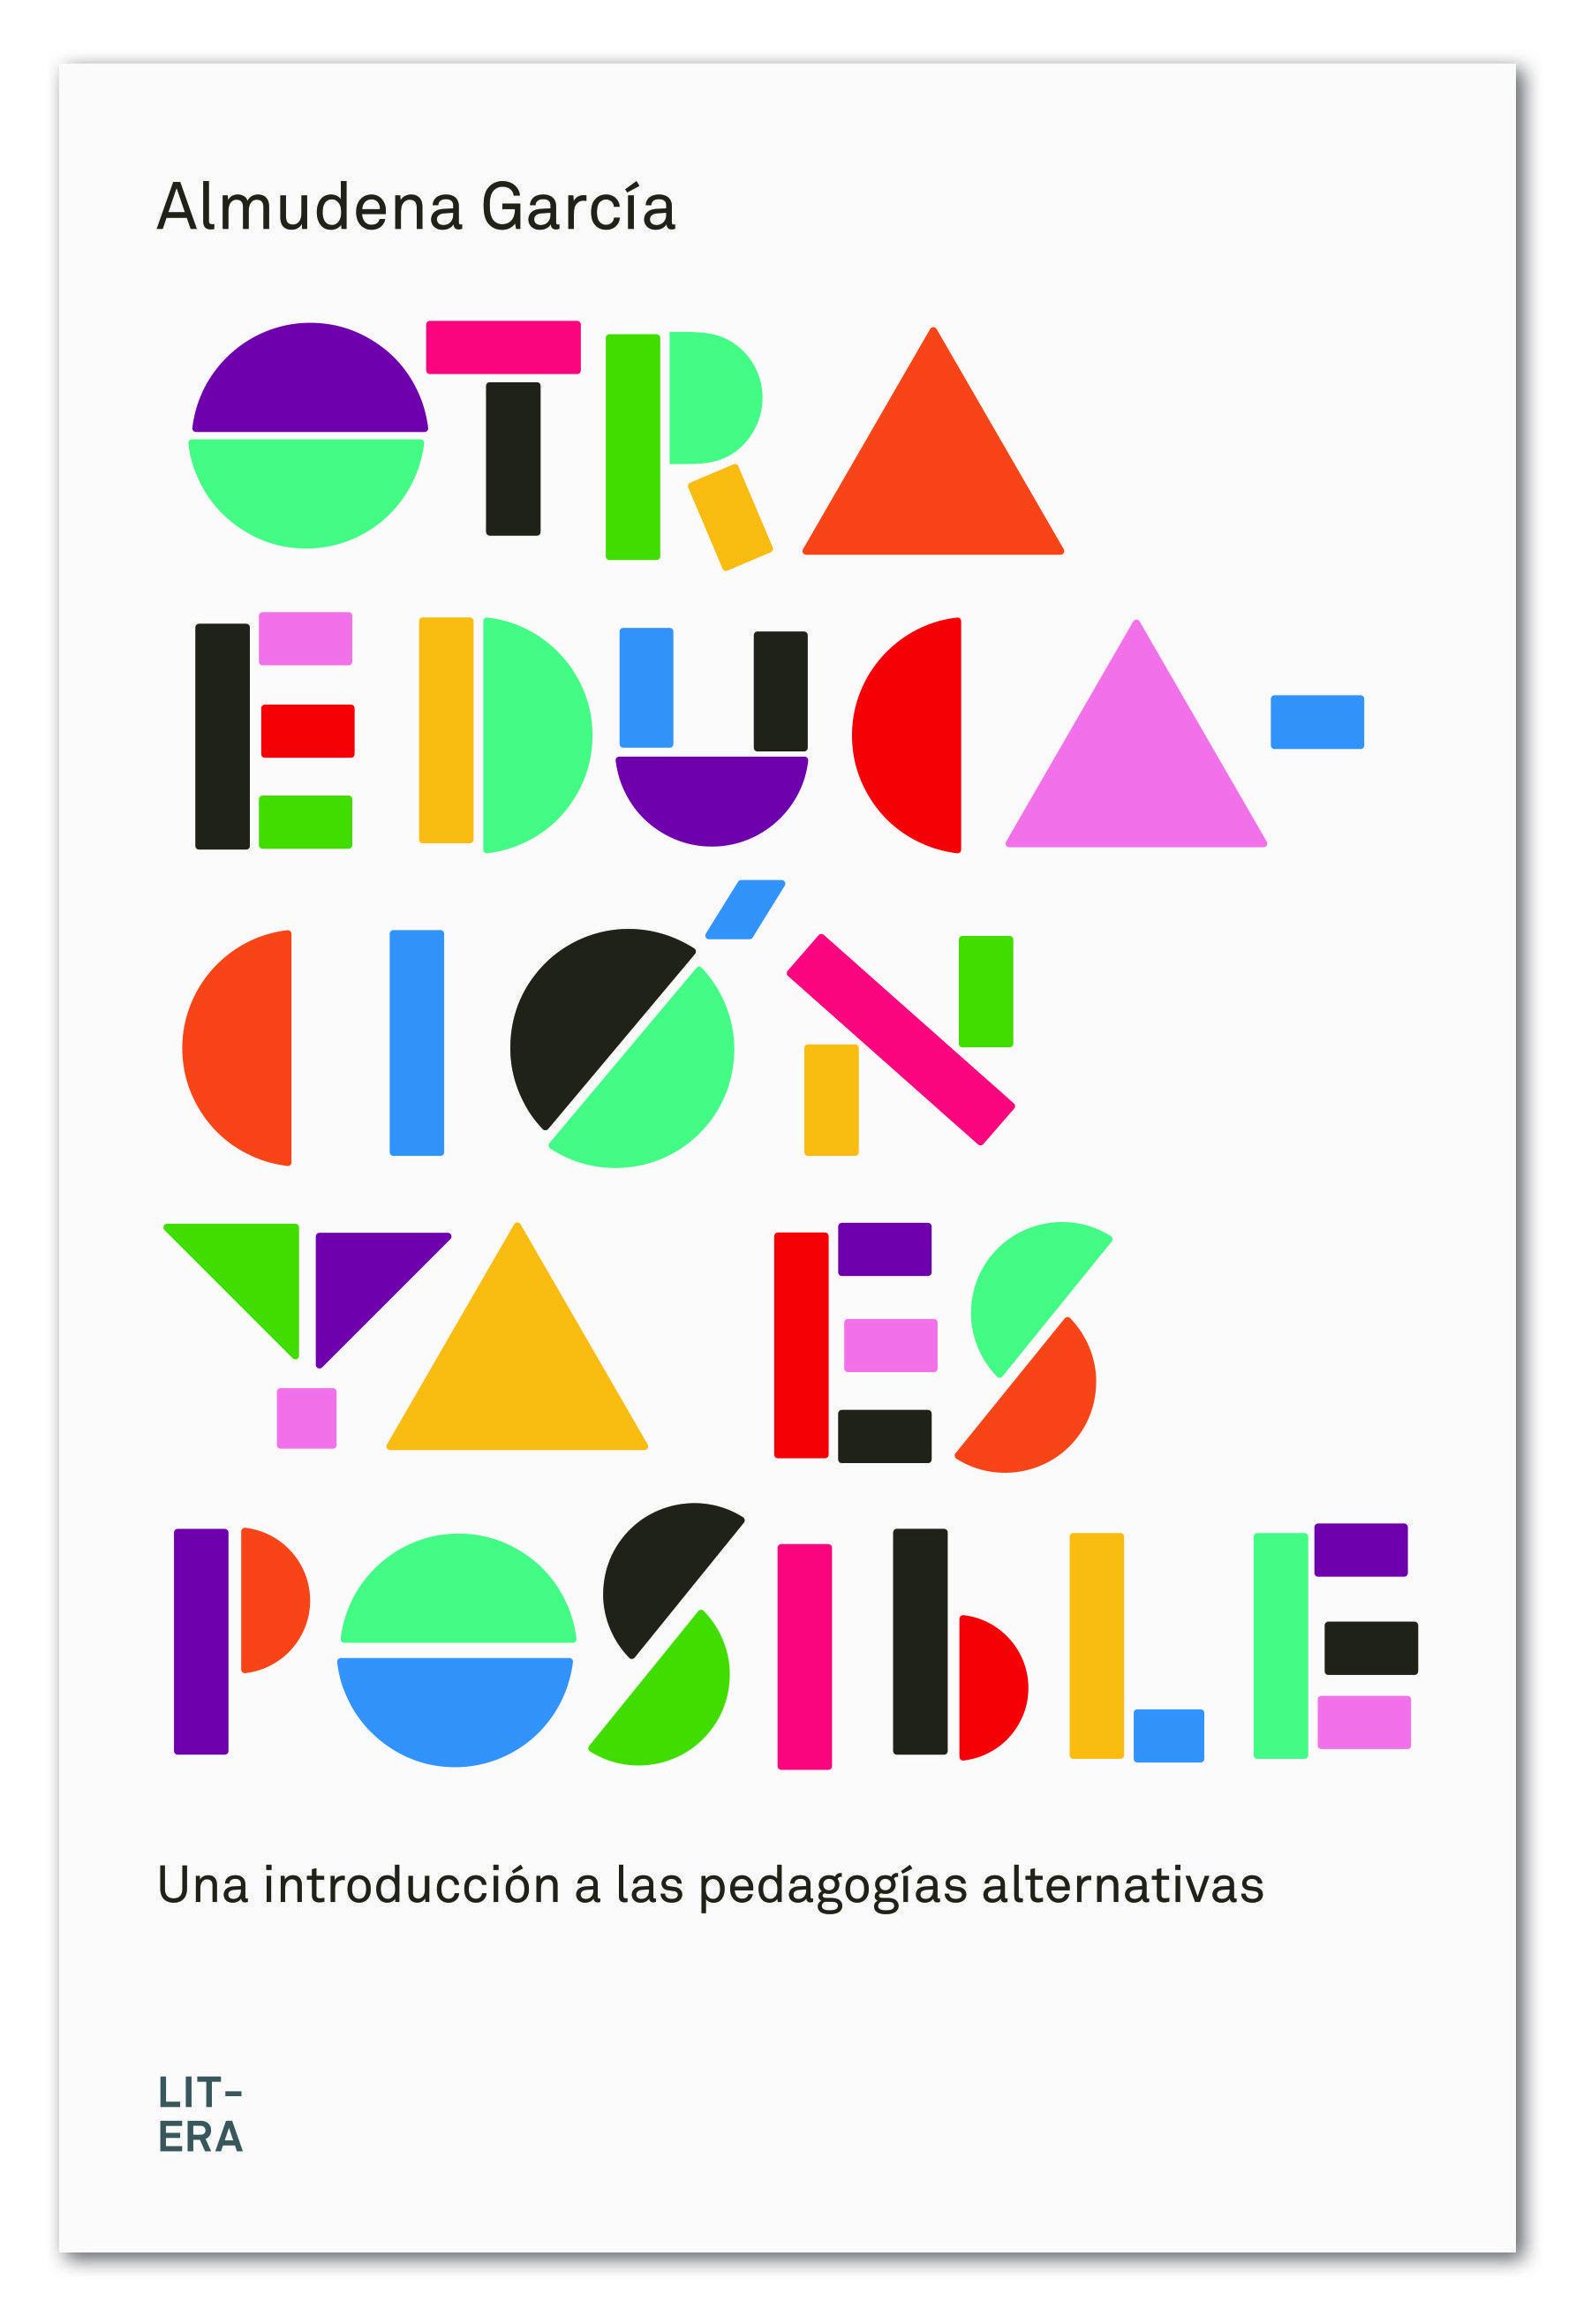 Ya Está Otra La Educación Mundo PosibleEl Es De u1cFJ3TKl